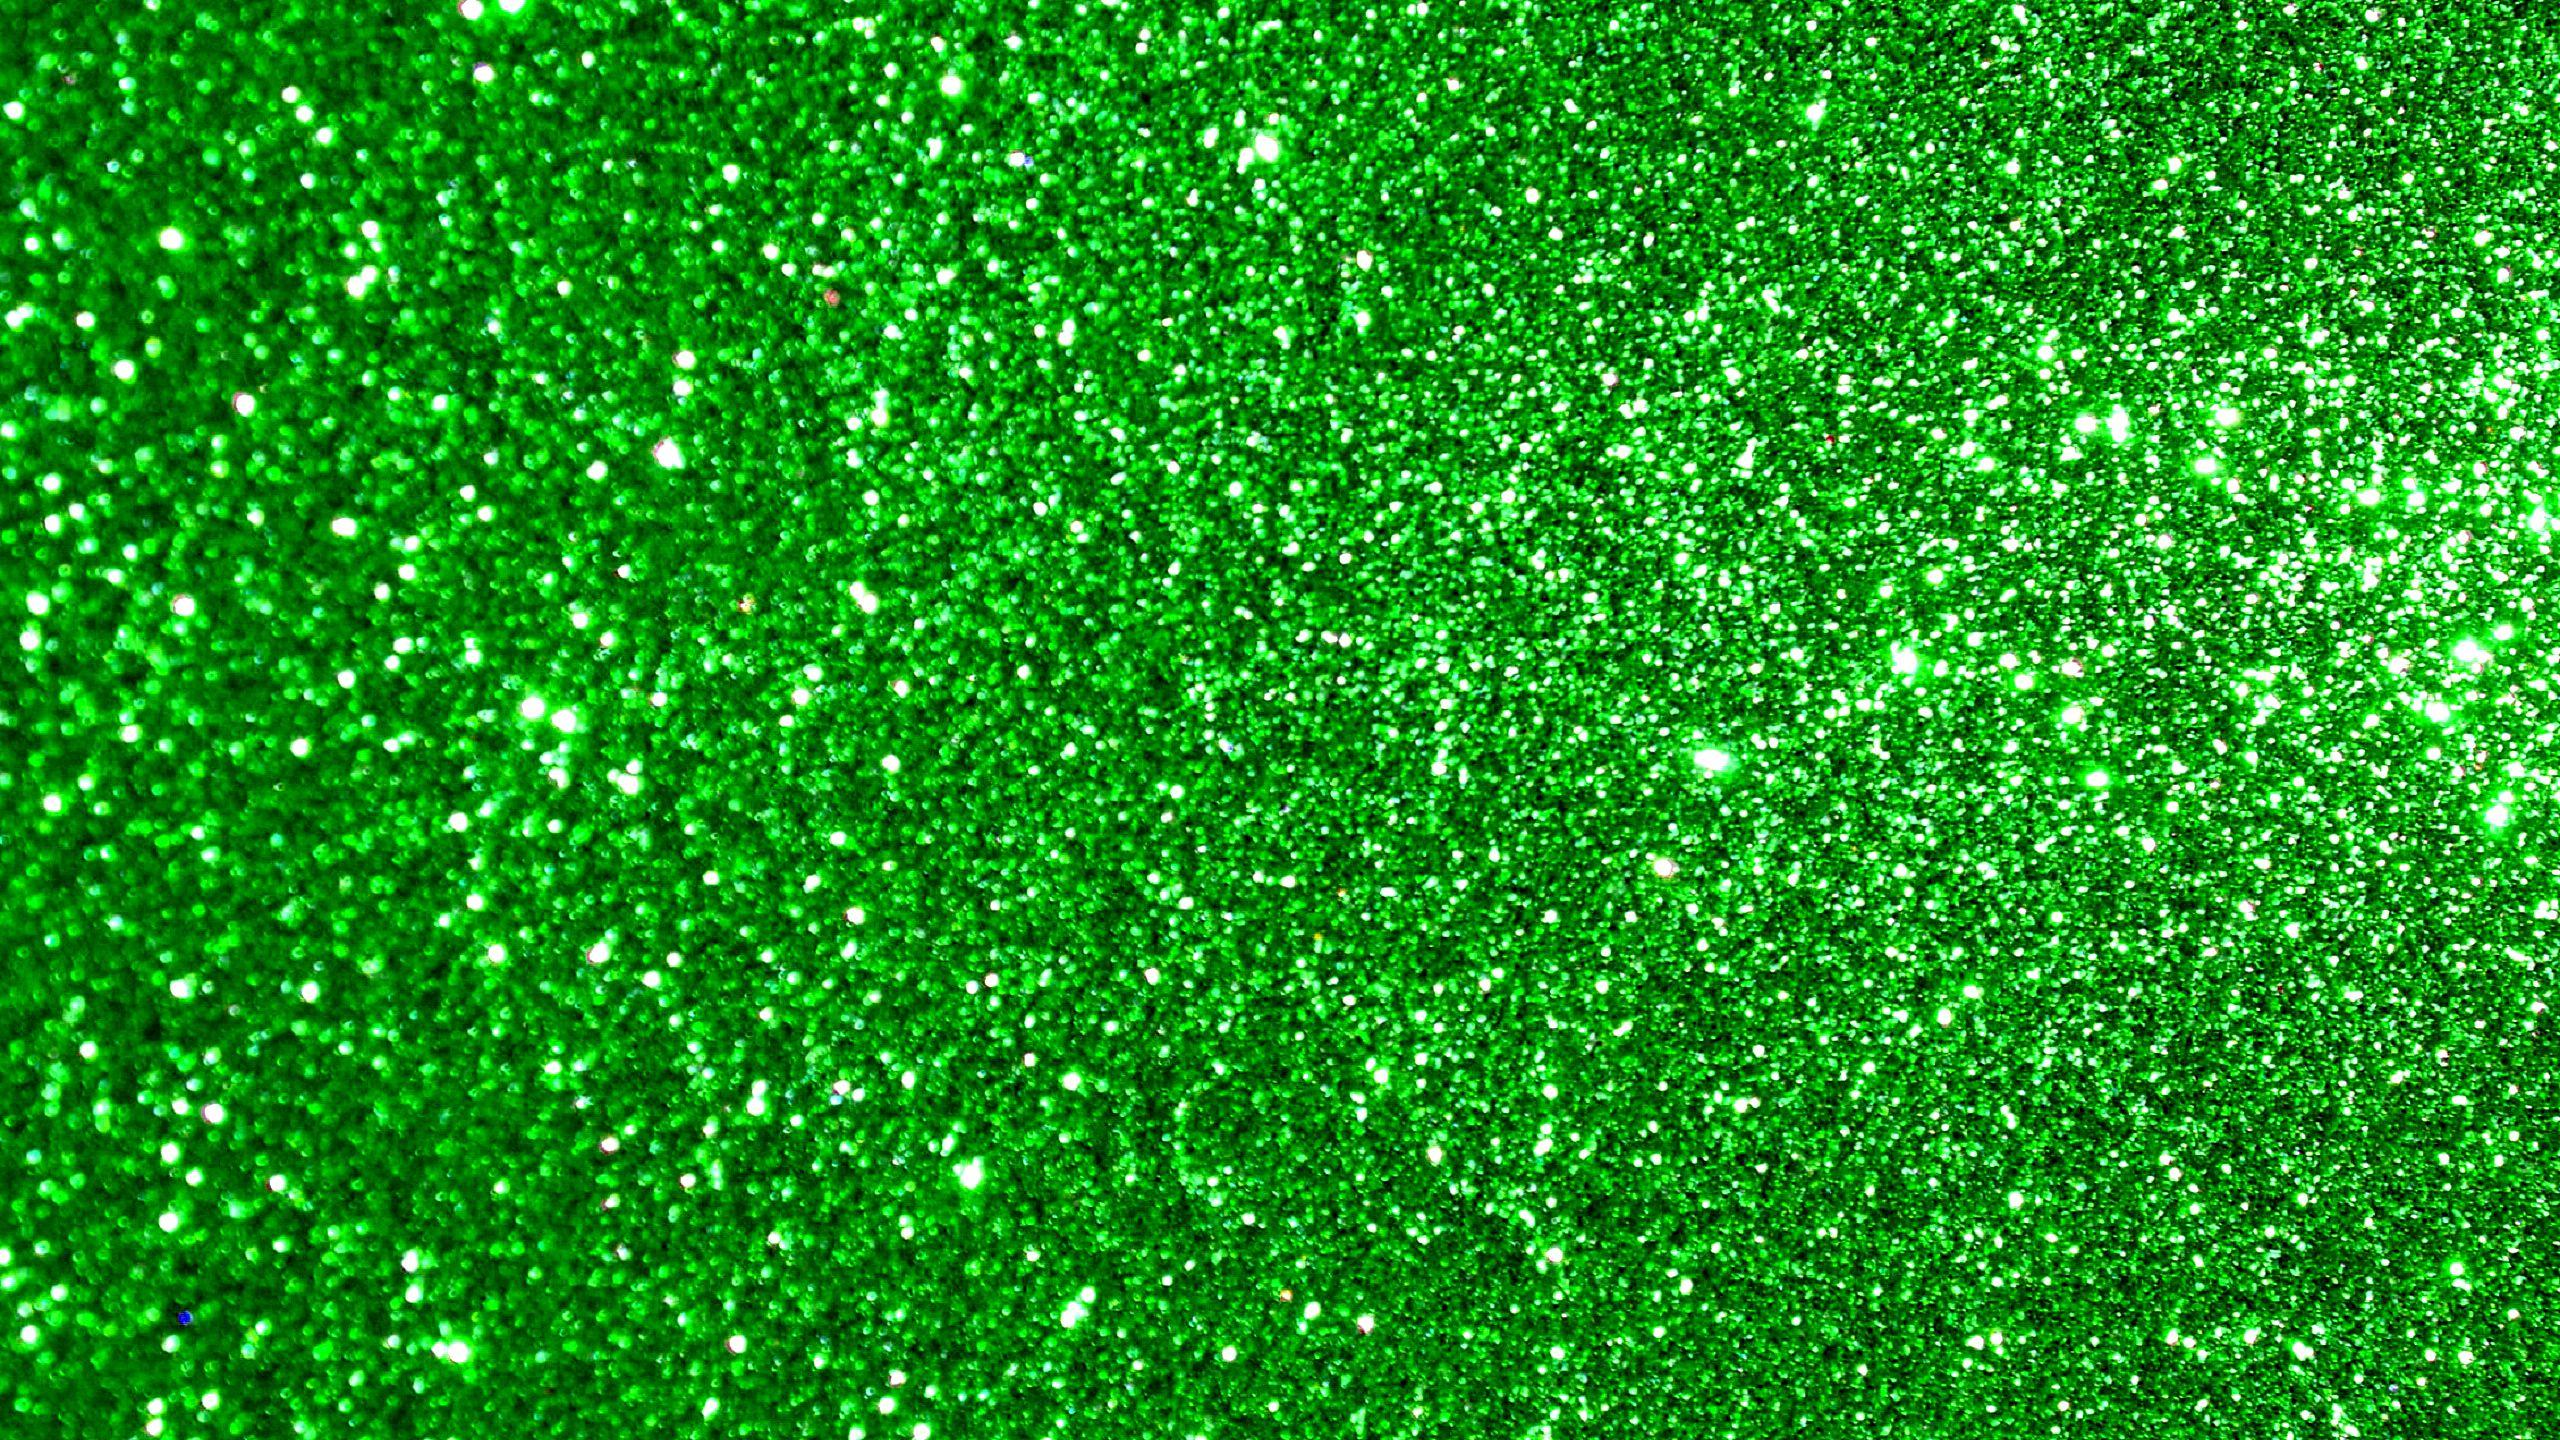 Green Glitter Wallpapers - Wallpaper Cave